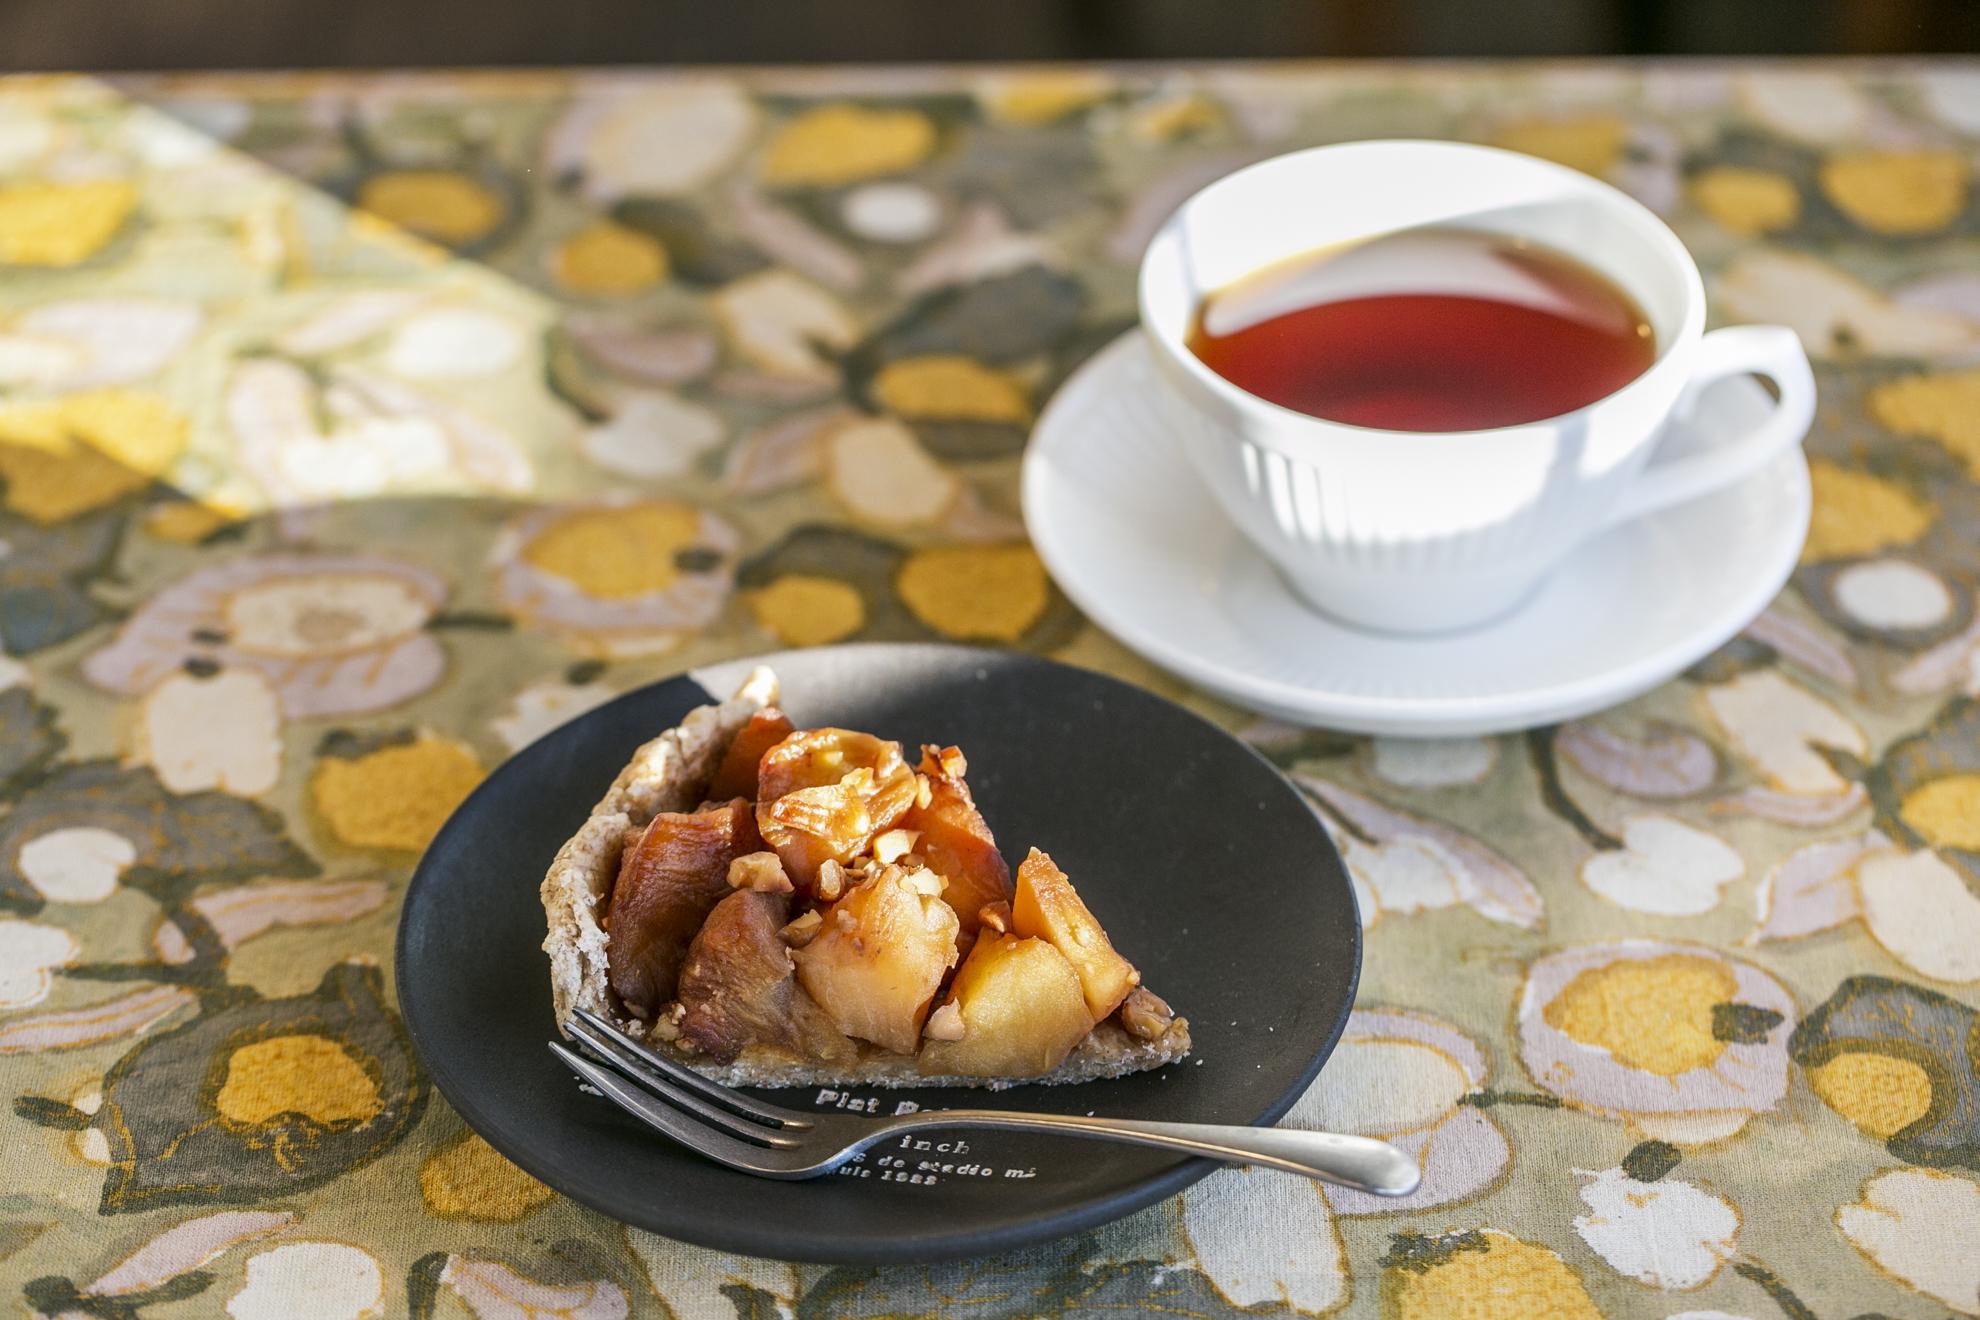 砂糖、卵、乳製品を一切使用していないアップルパイは紅茶とセットで900円